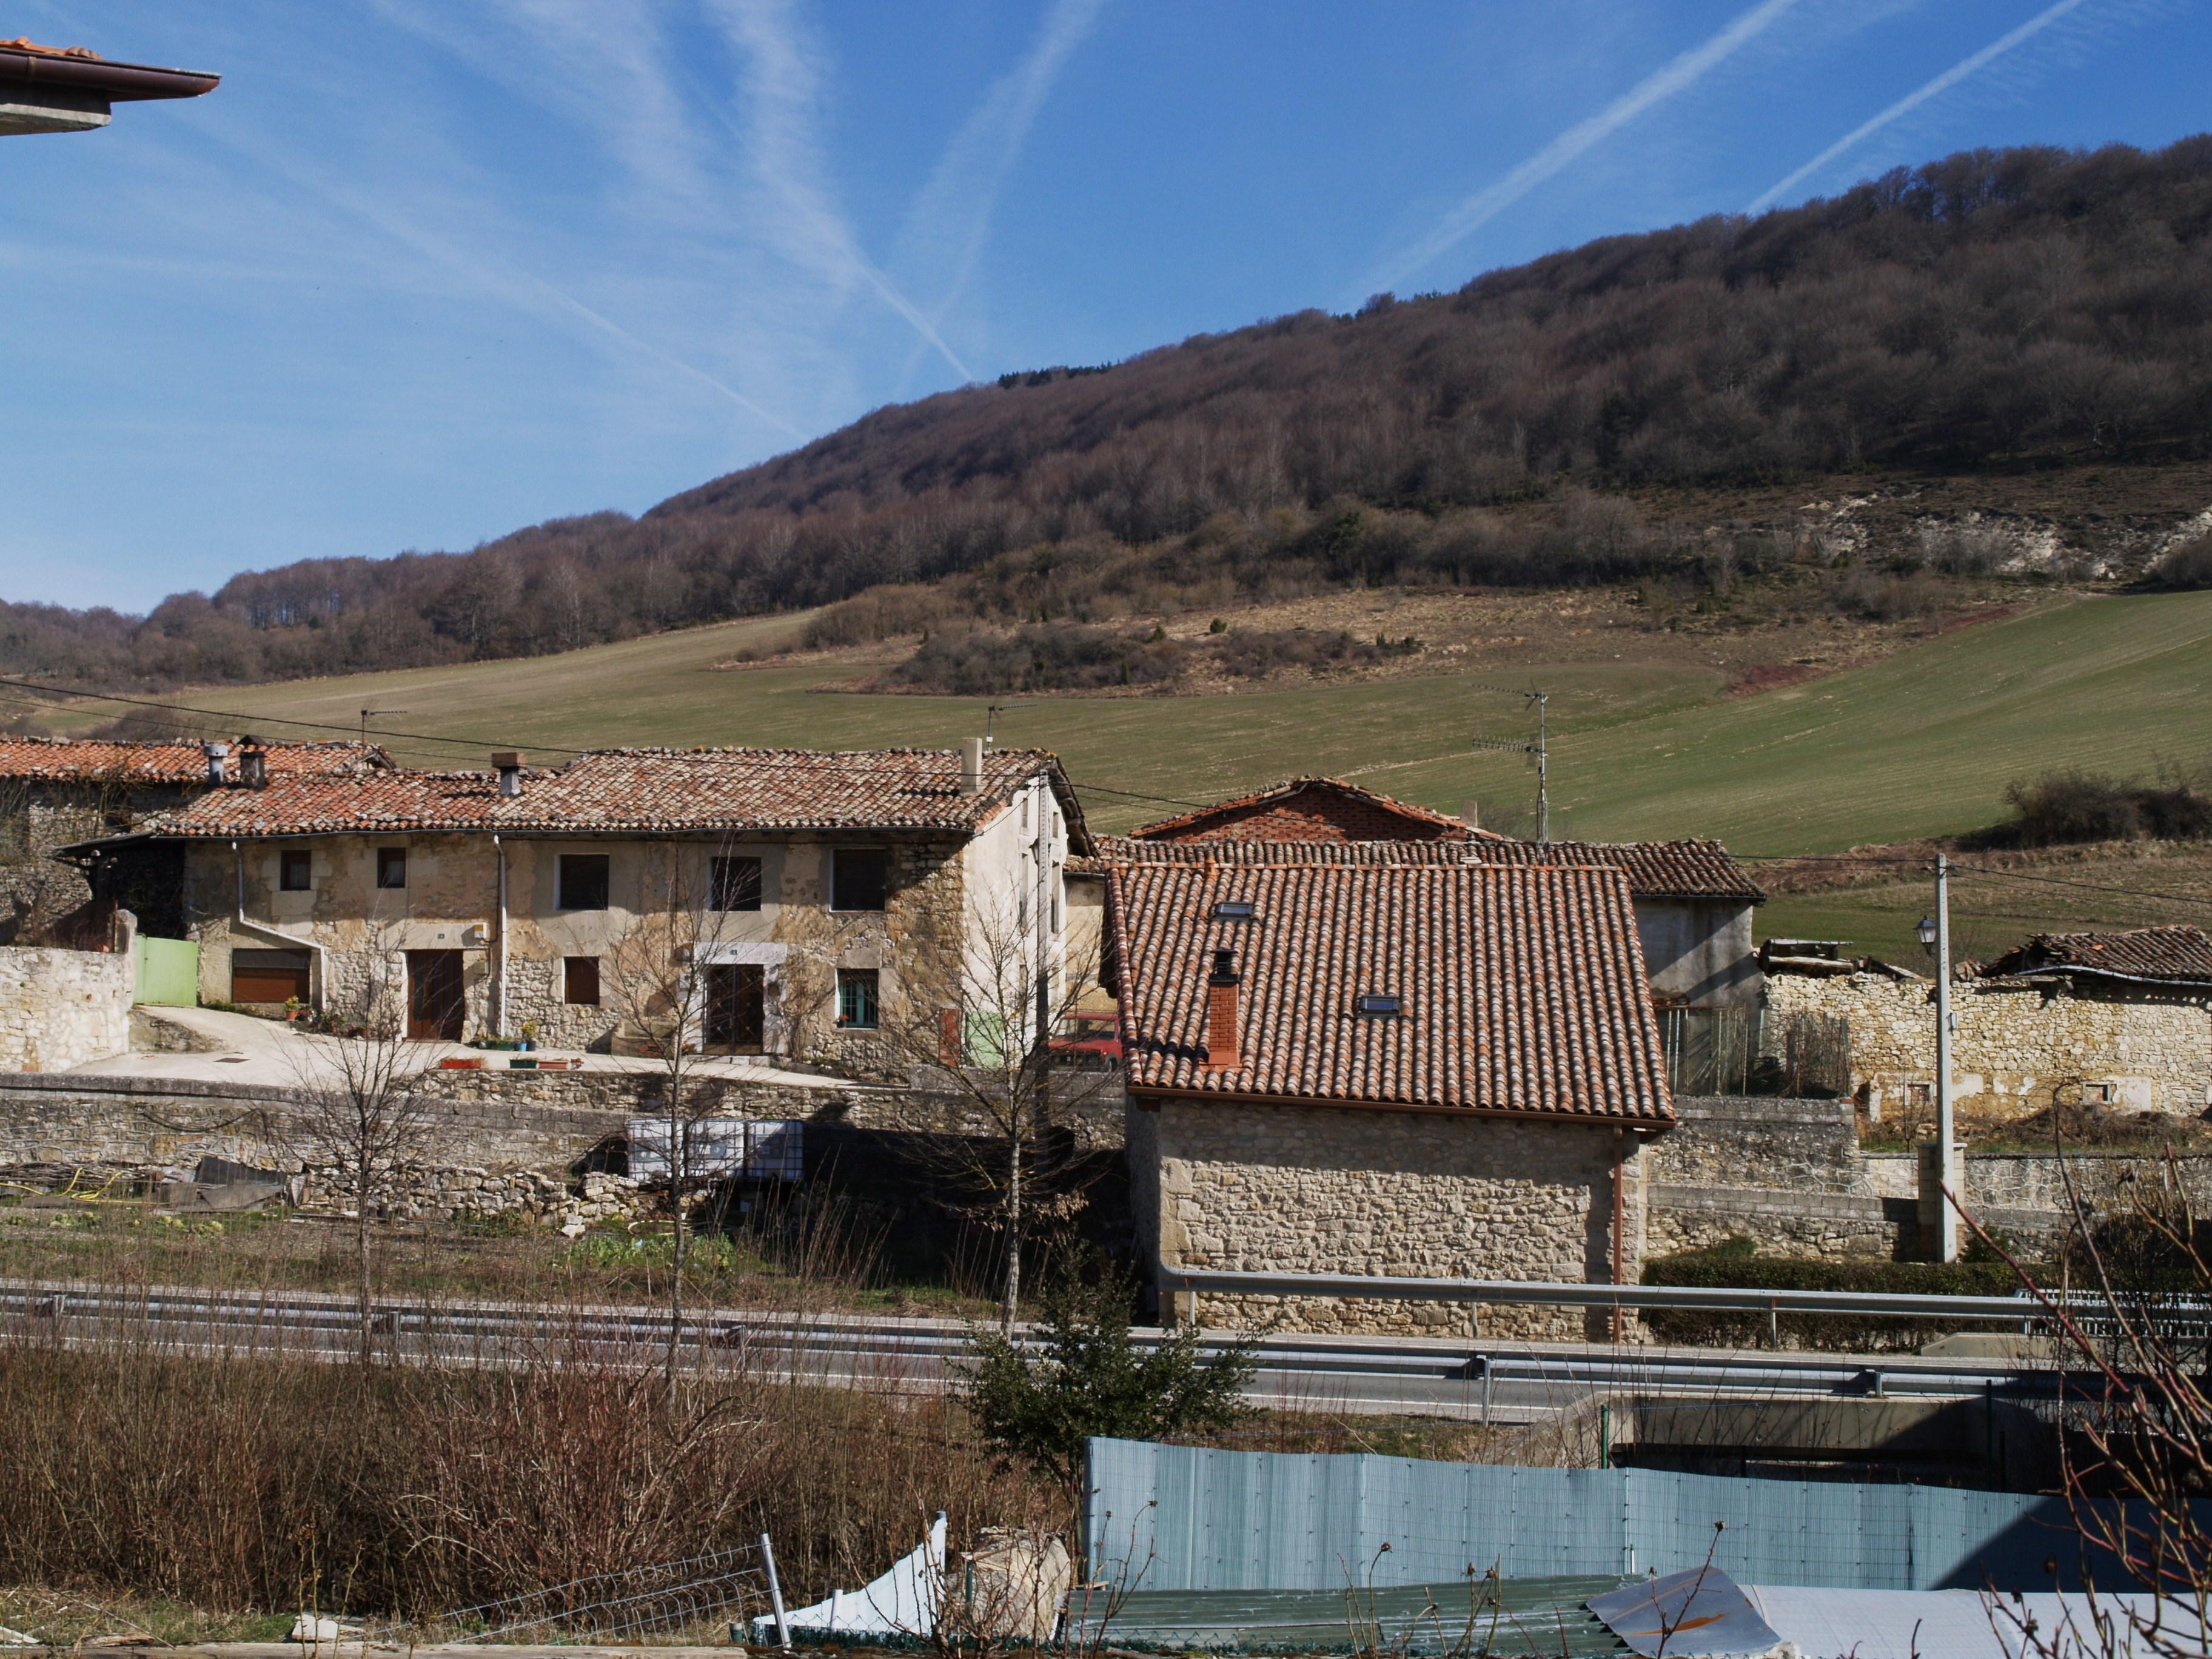 Archivo casas rurales jpg wikipedia la enciclopedia libre - Trabajo en casas rurales ...